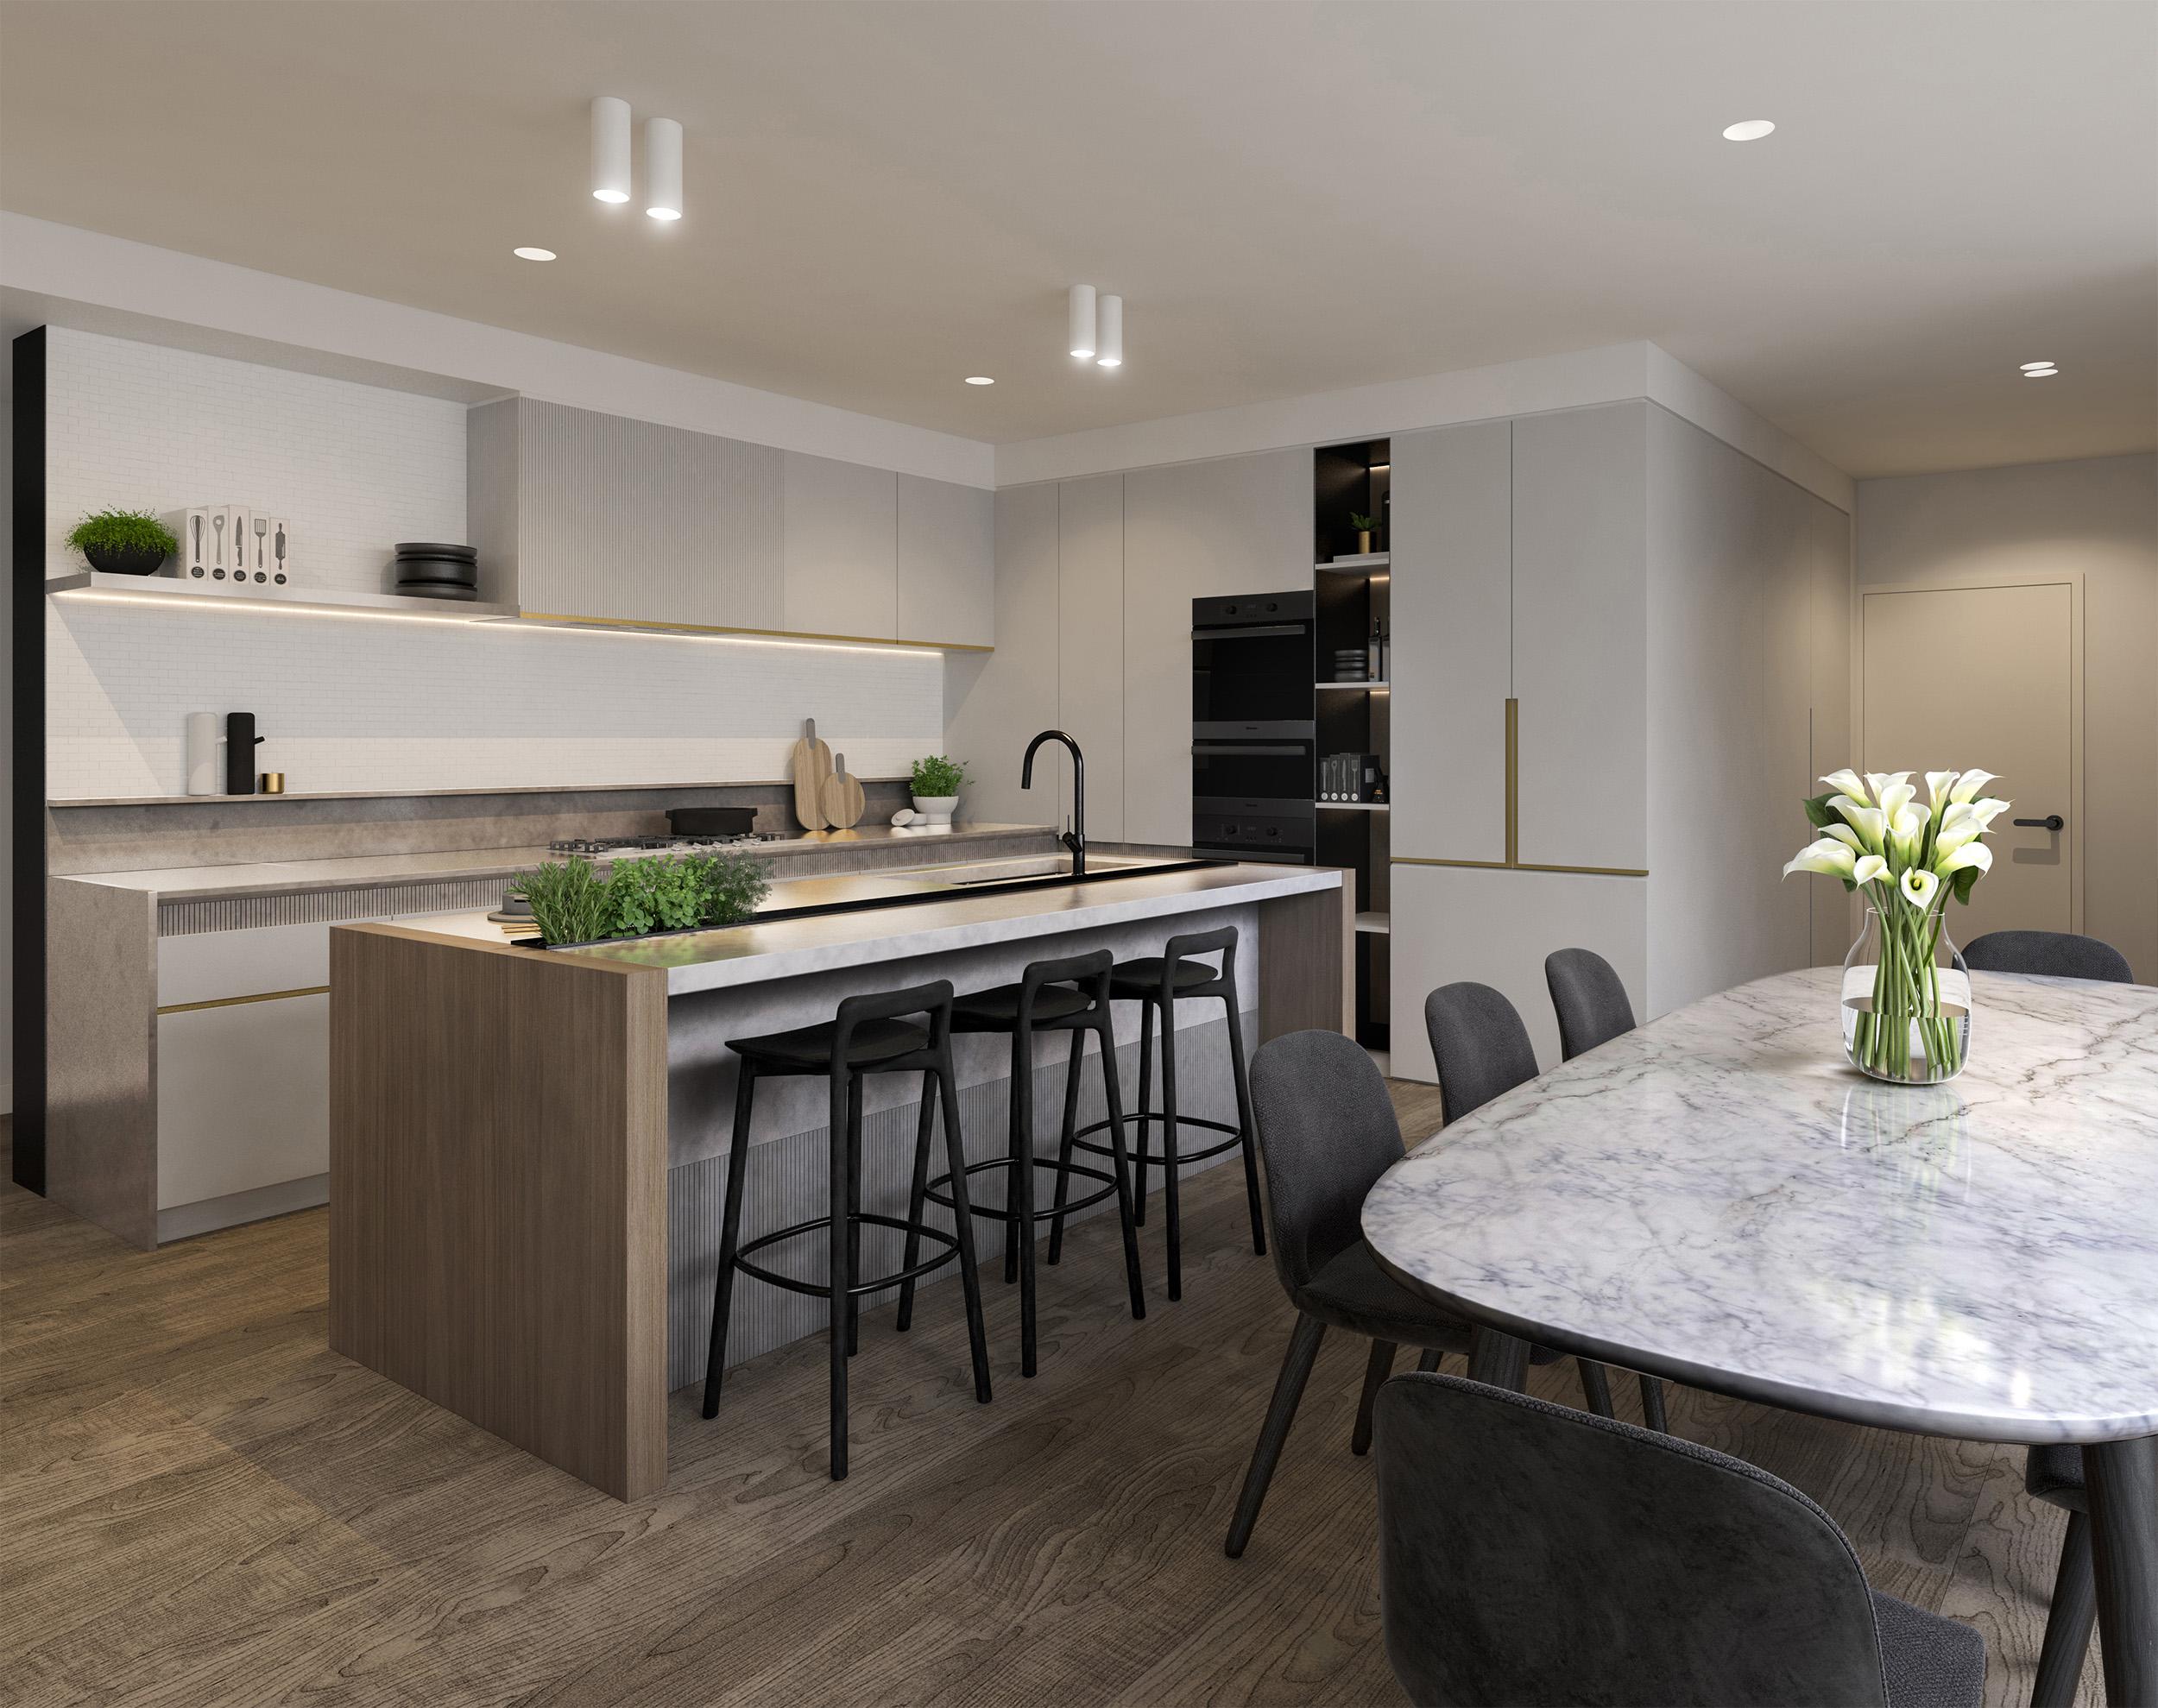 Well St - Apartment 1 - Kitchen - Light Scheme MR.jpg